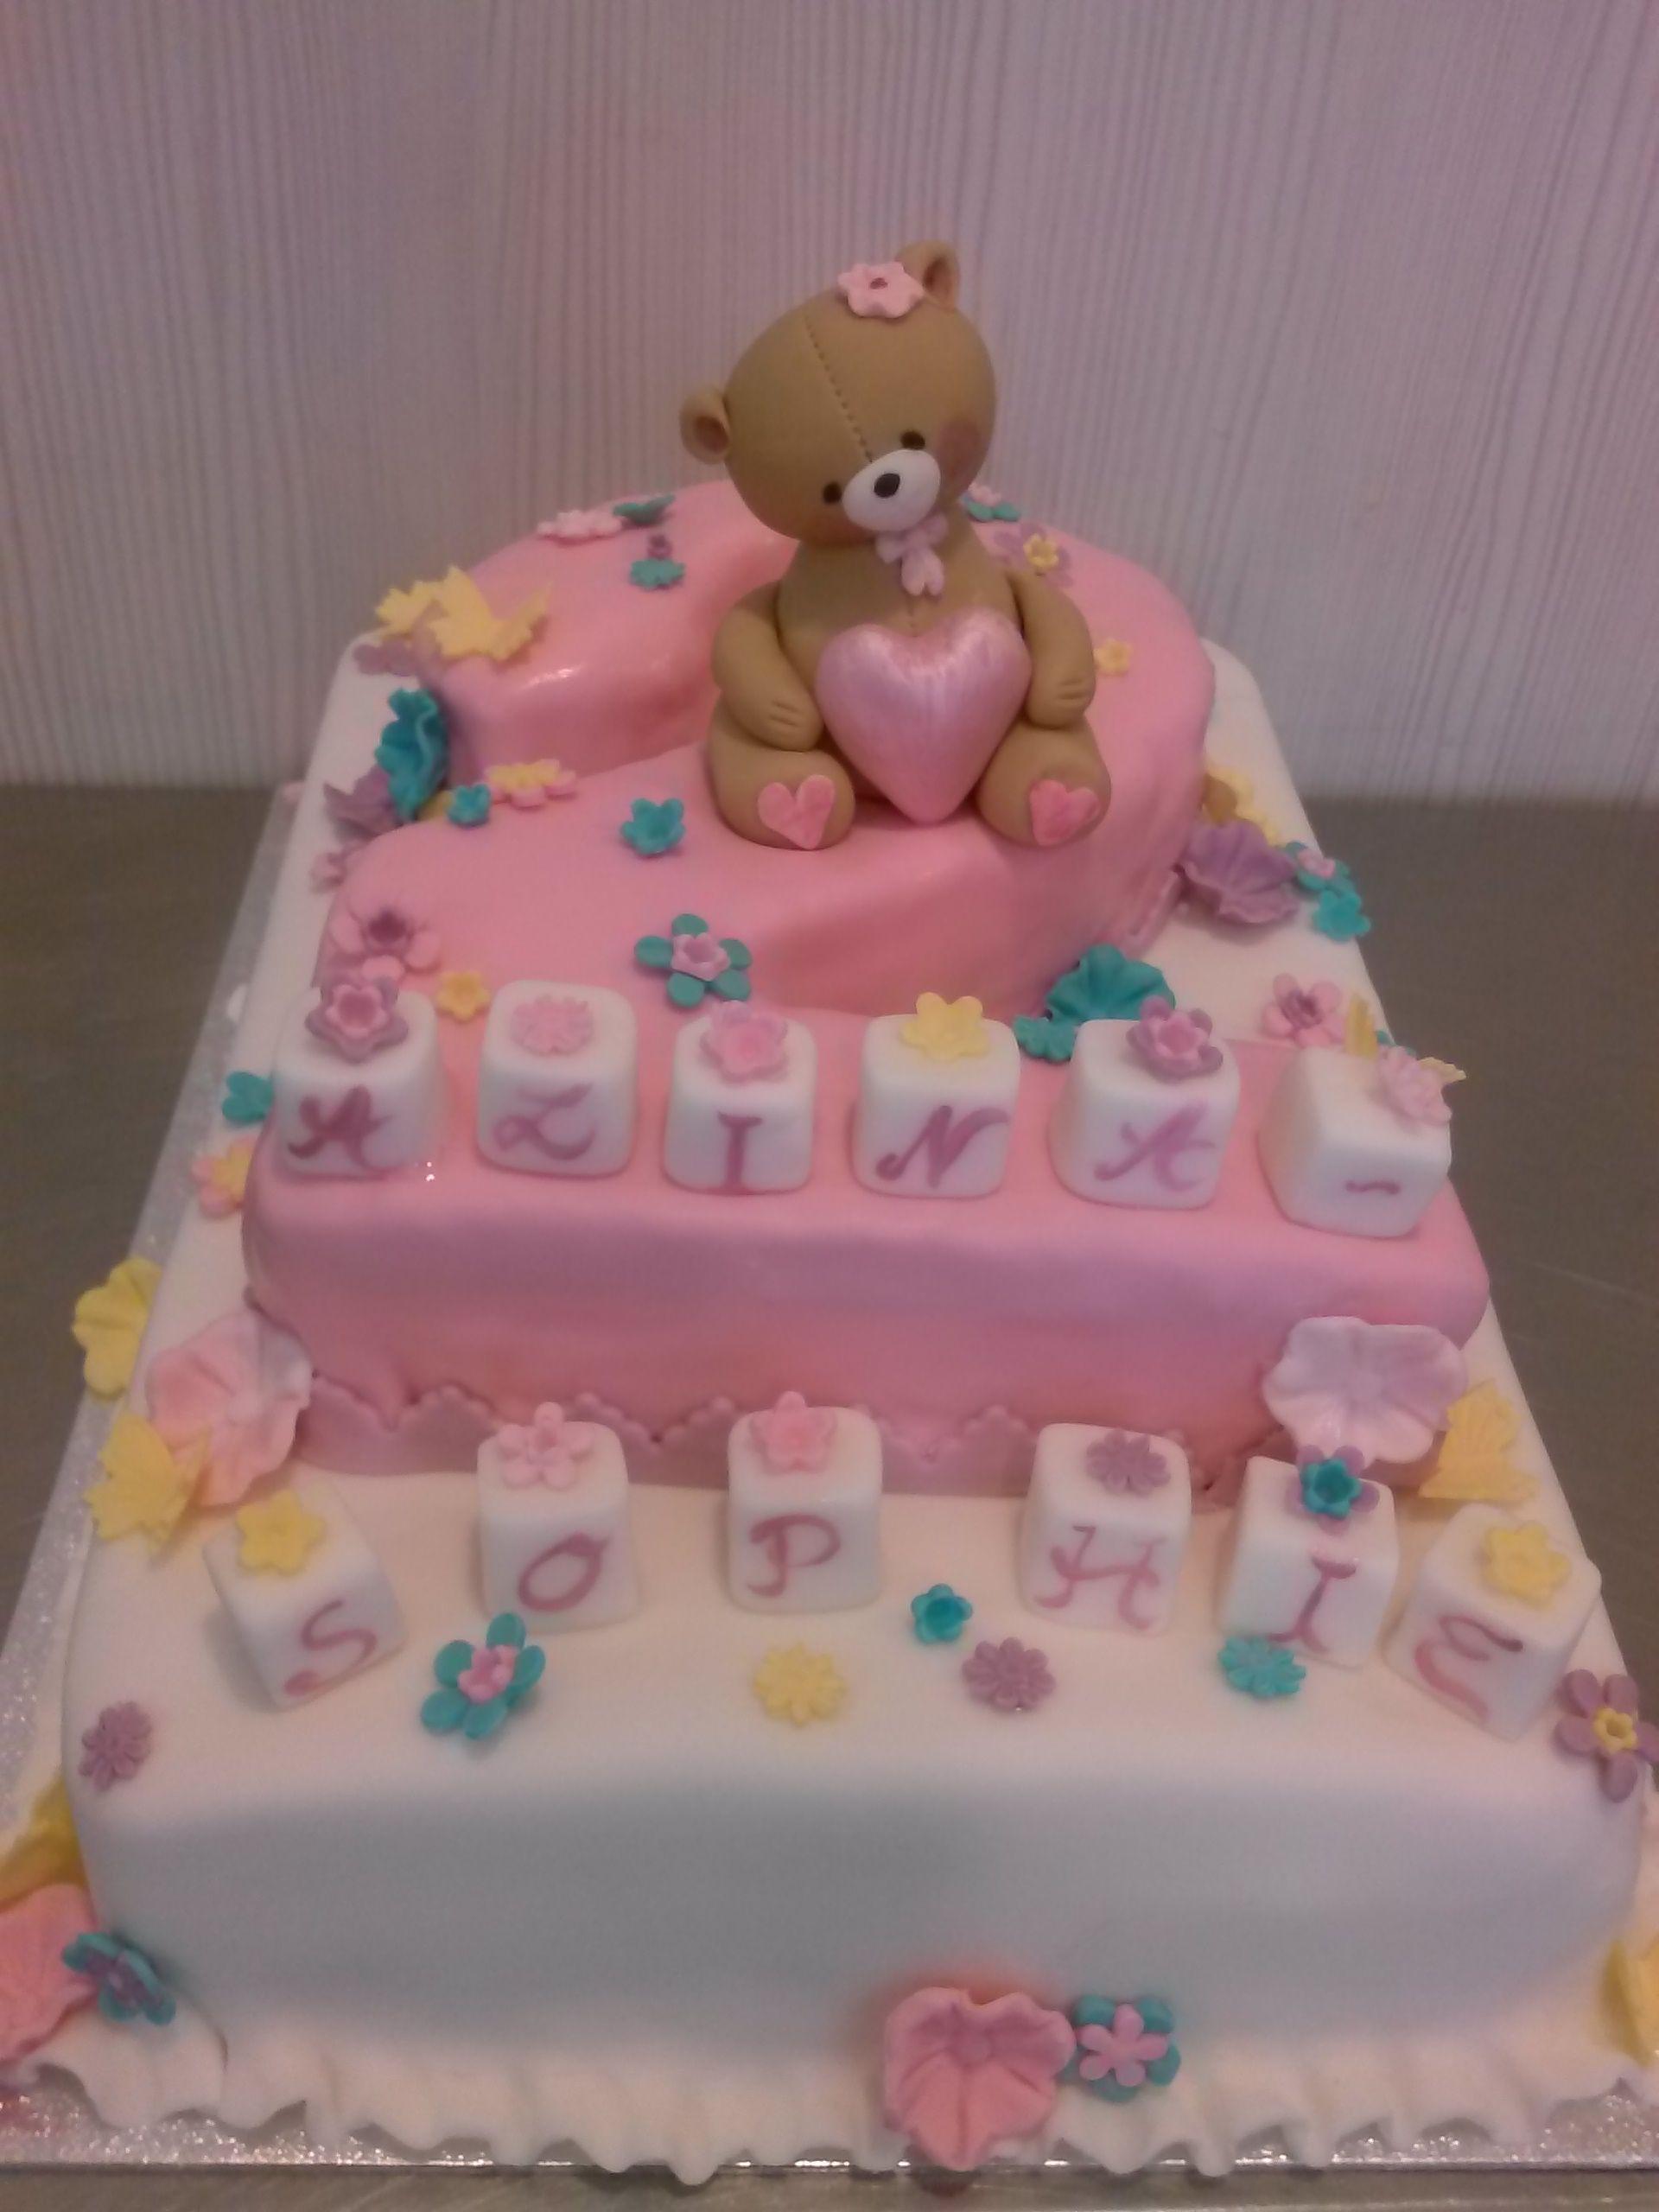 Torte Zum 2 Geburtstag Ja Für Ein Mädchen Für Große Und Kleine